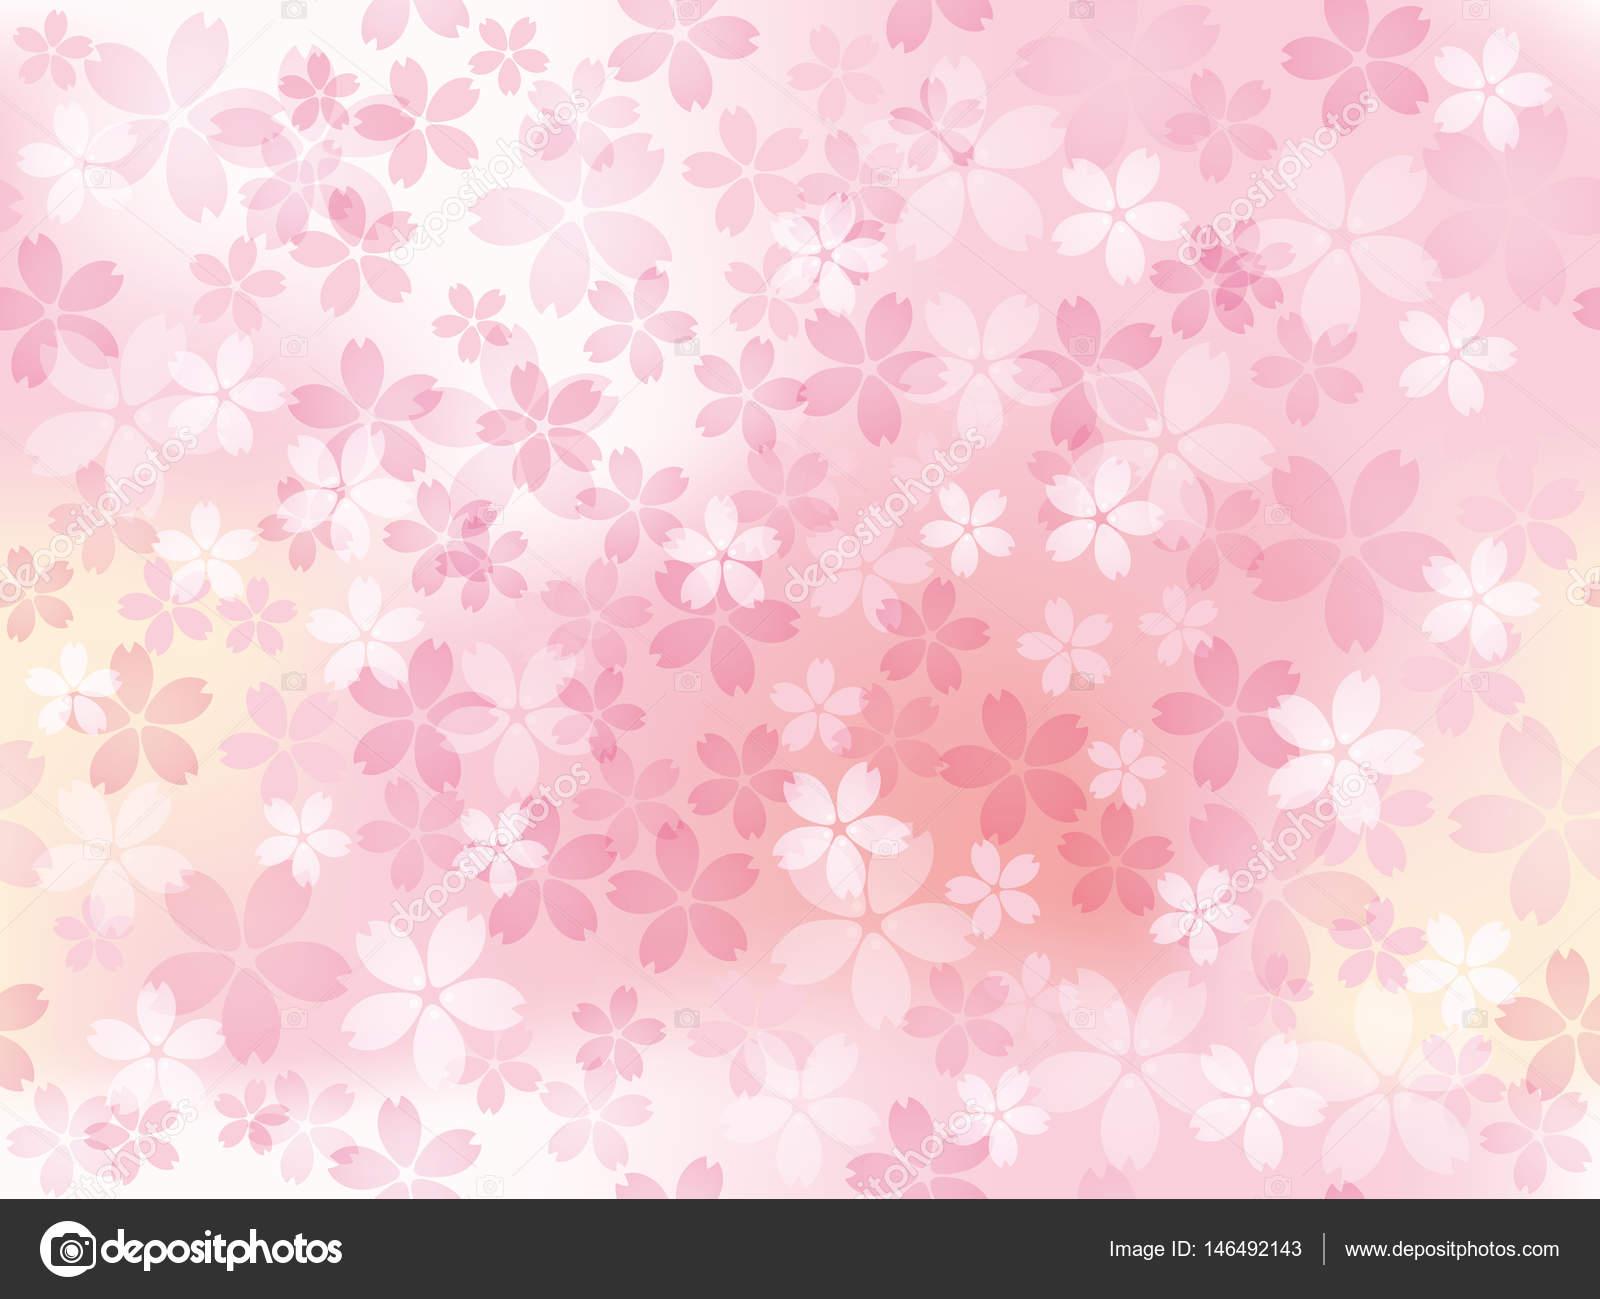 満開の桜とベクトル背景イラスト — ストックベクター © callmetak #146492143